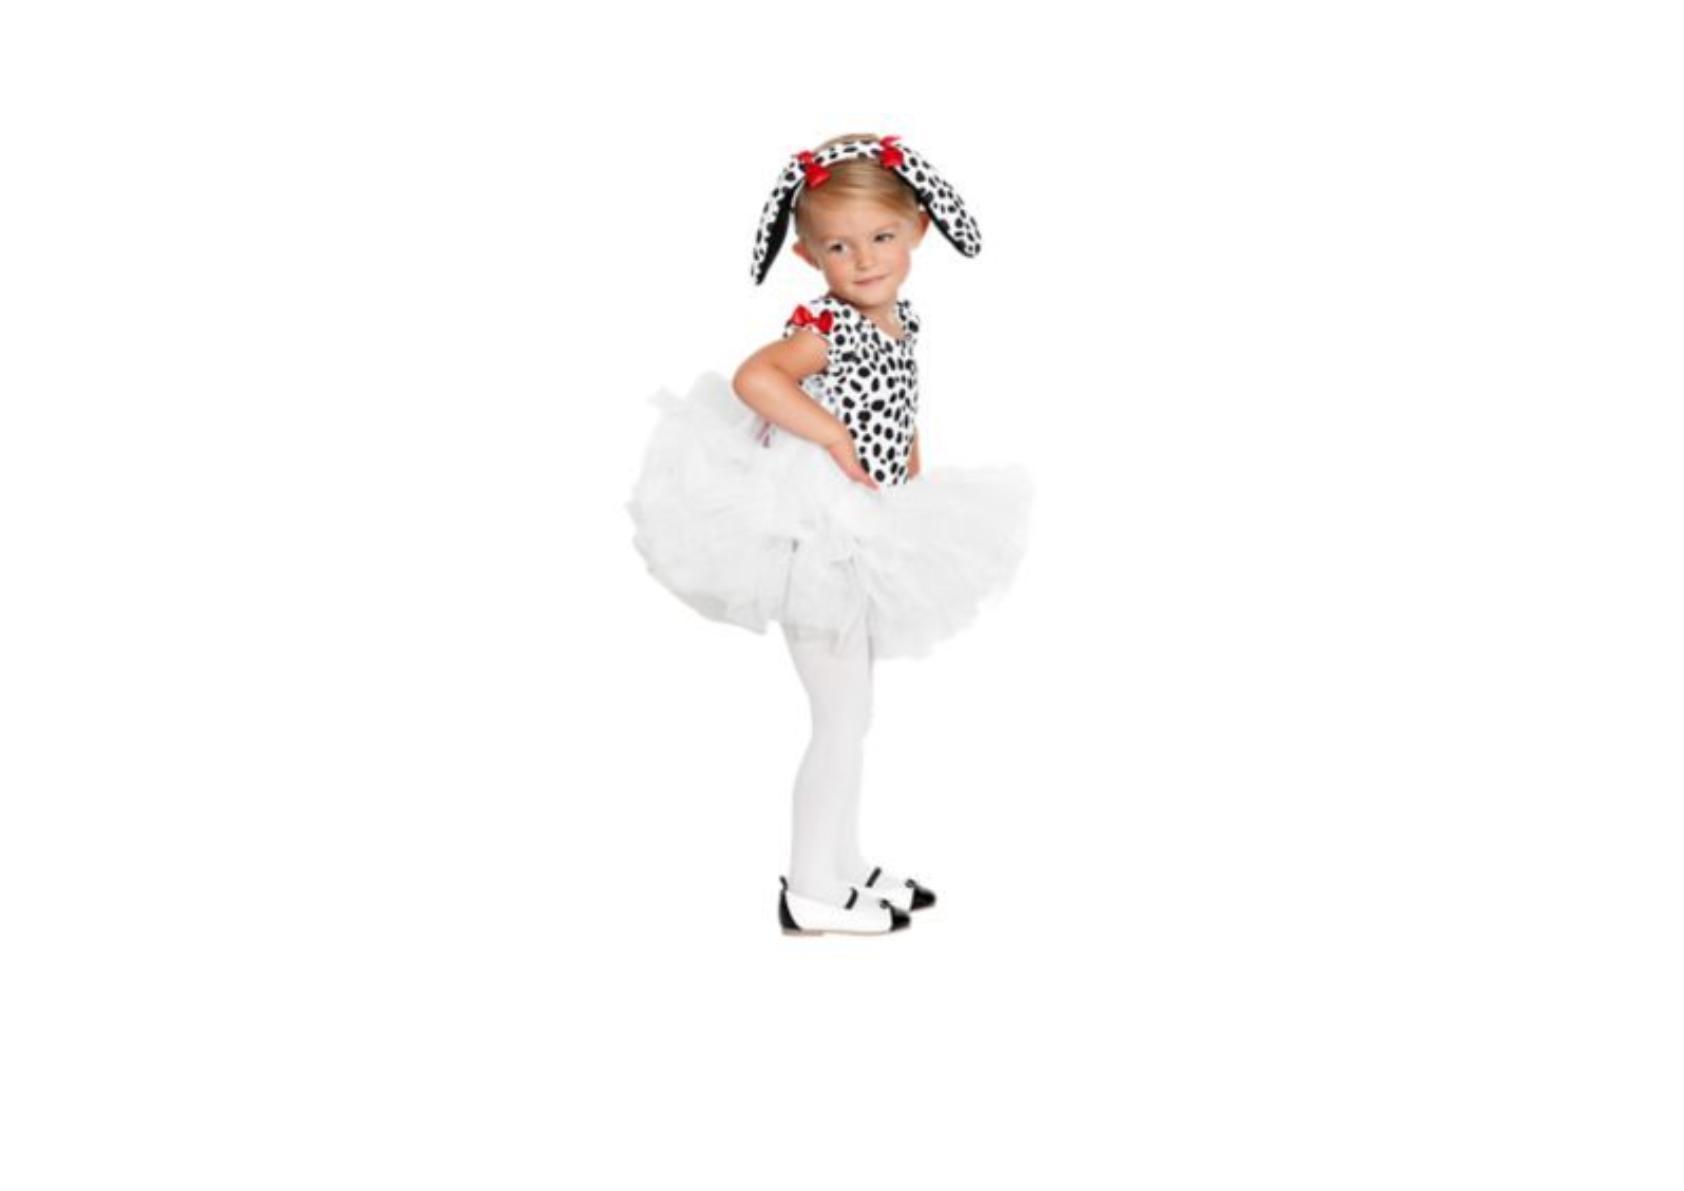 Fotonávod na kostým dalmatina